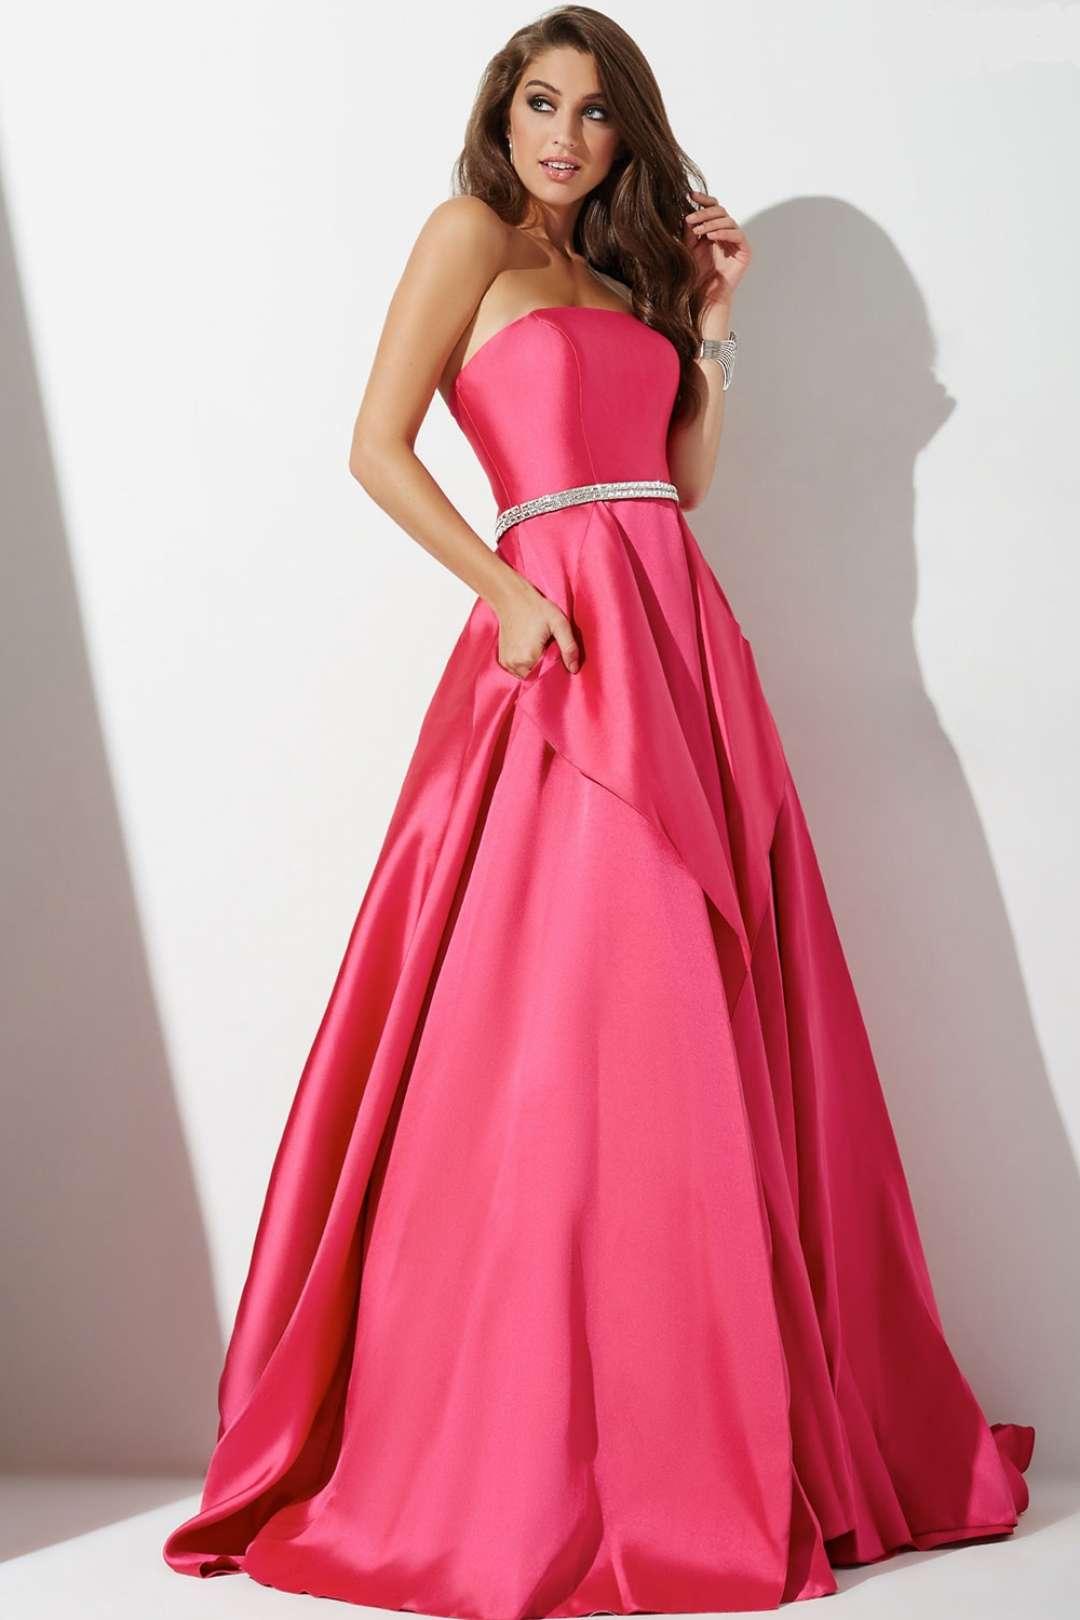 بالصور احدث موديلات الفساتين , صيحات الموضه في الفساتين 3132 3